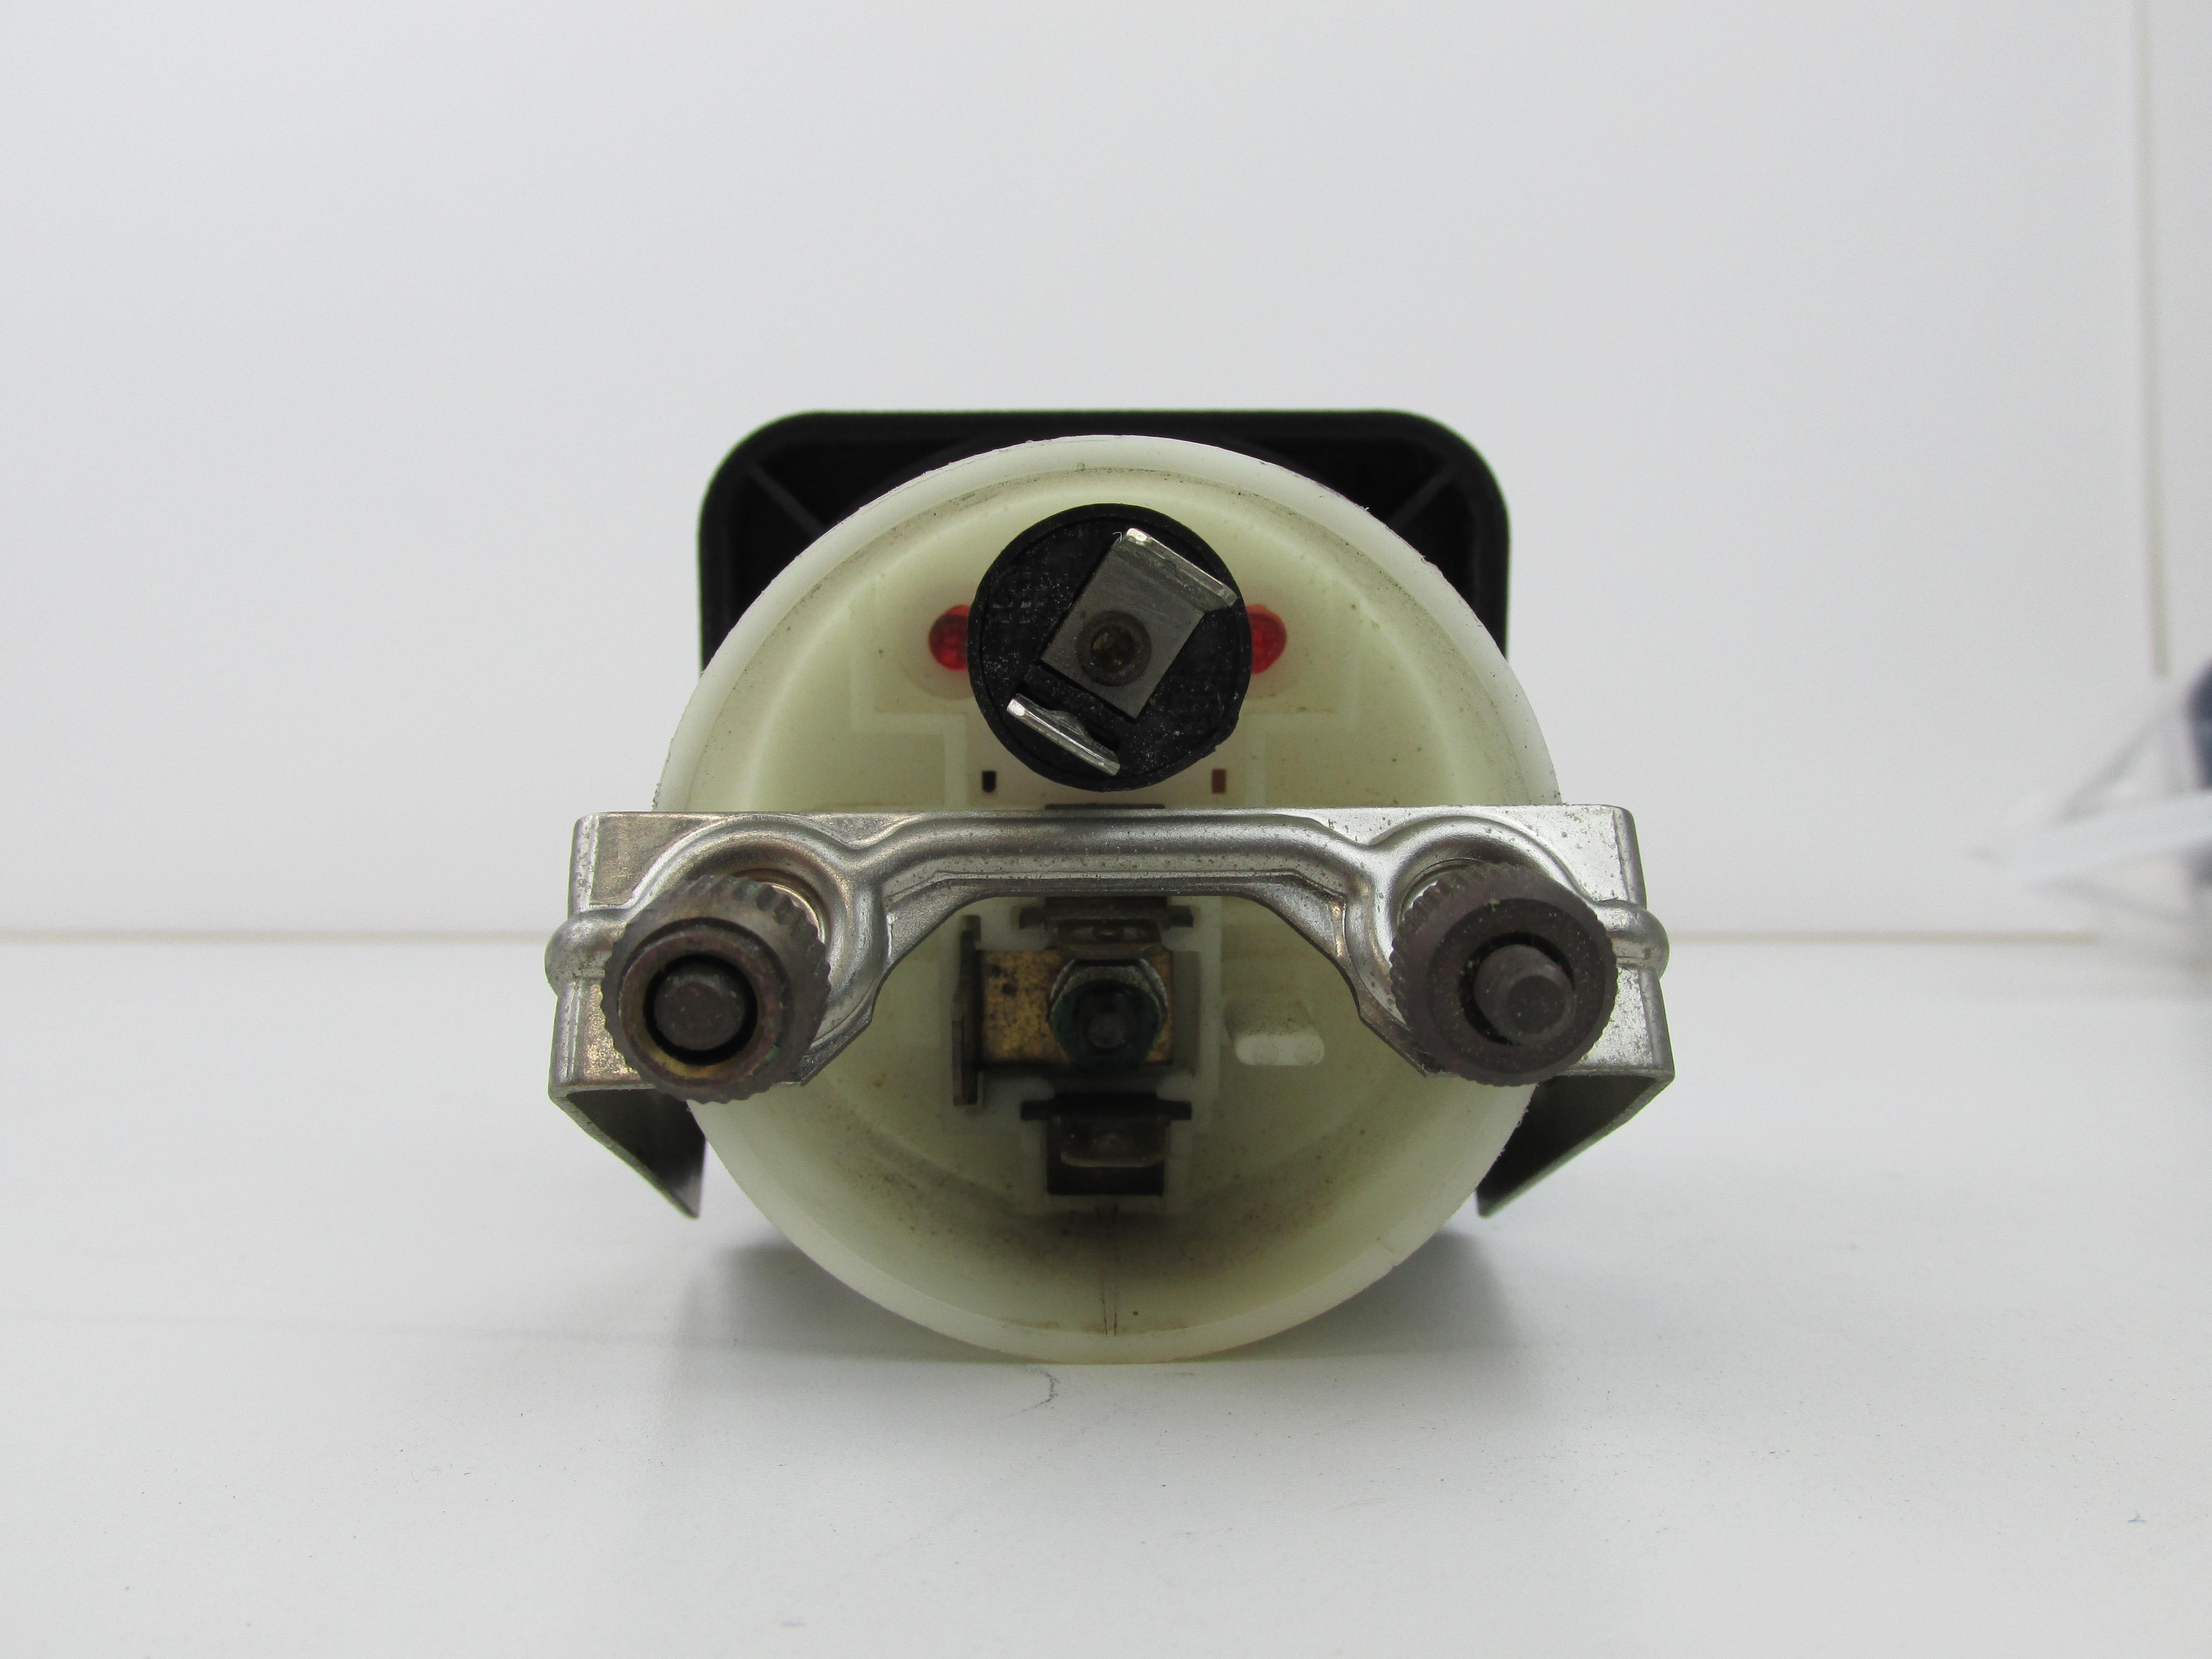 Vdo Oil Pressure Gauge Wiring Diagram On Vdo Gauges Wiring Diagrams